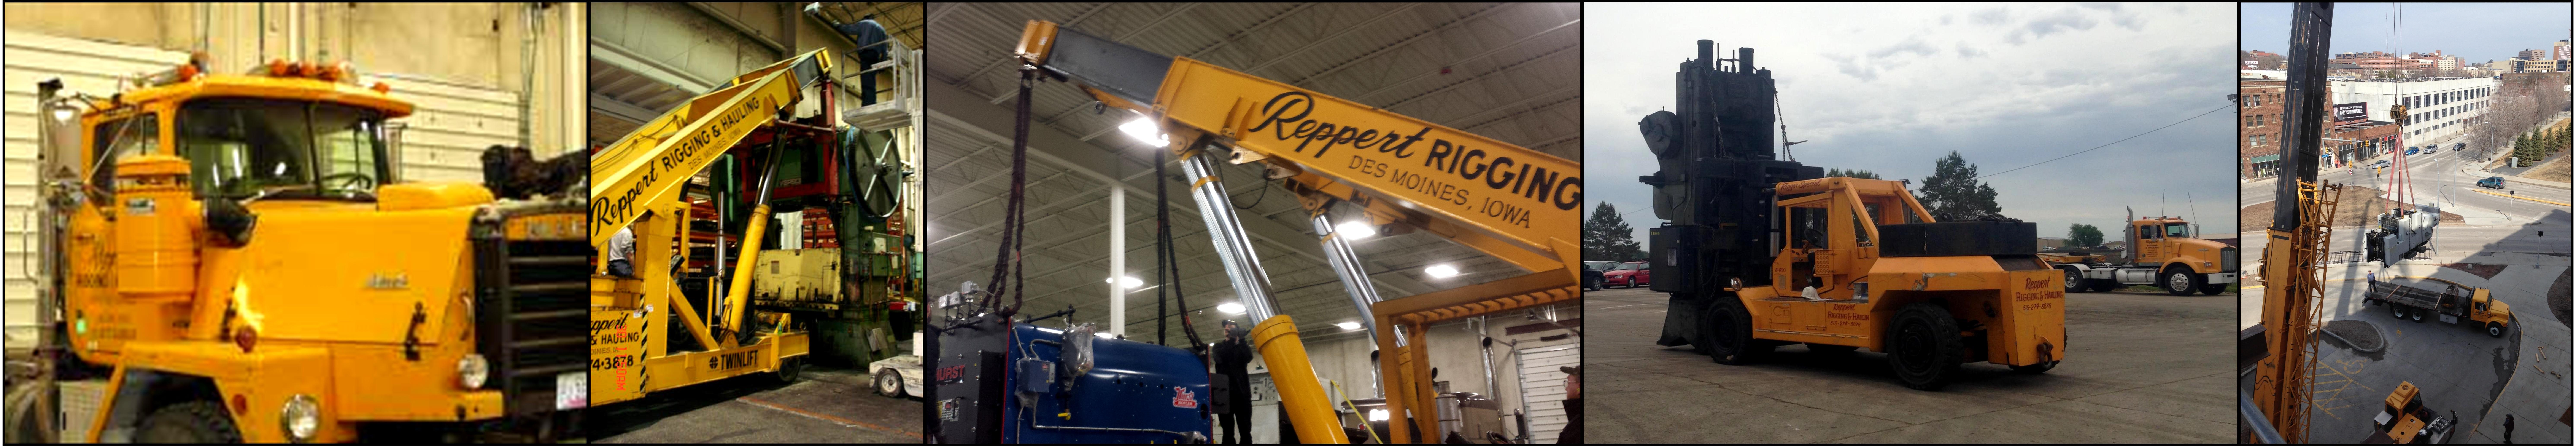 Reppert Services Banner